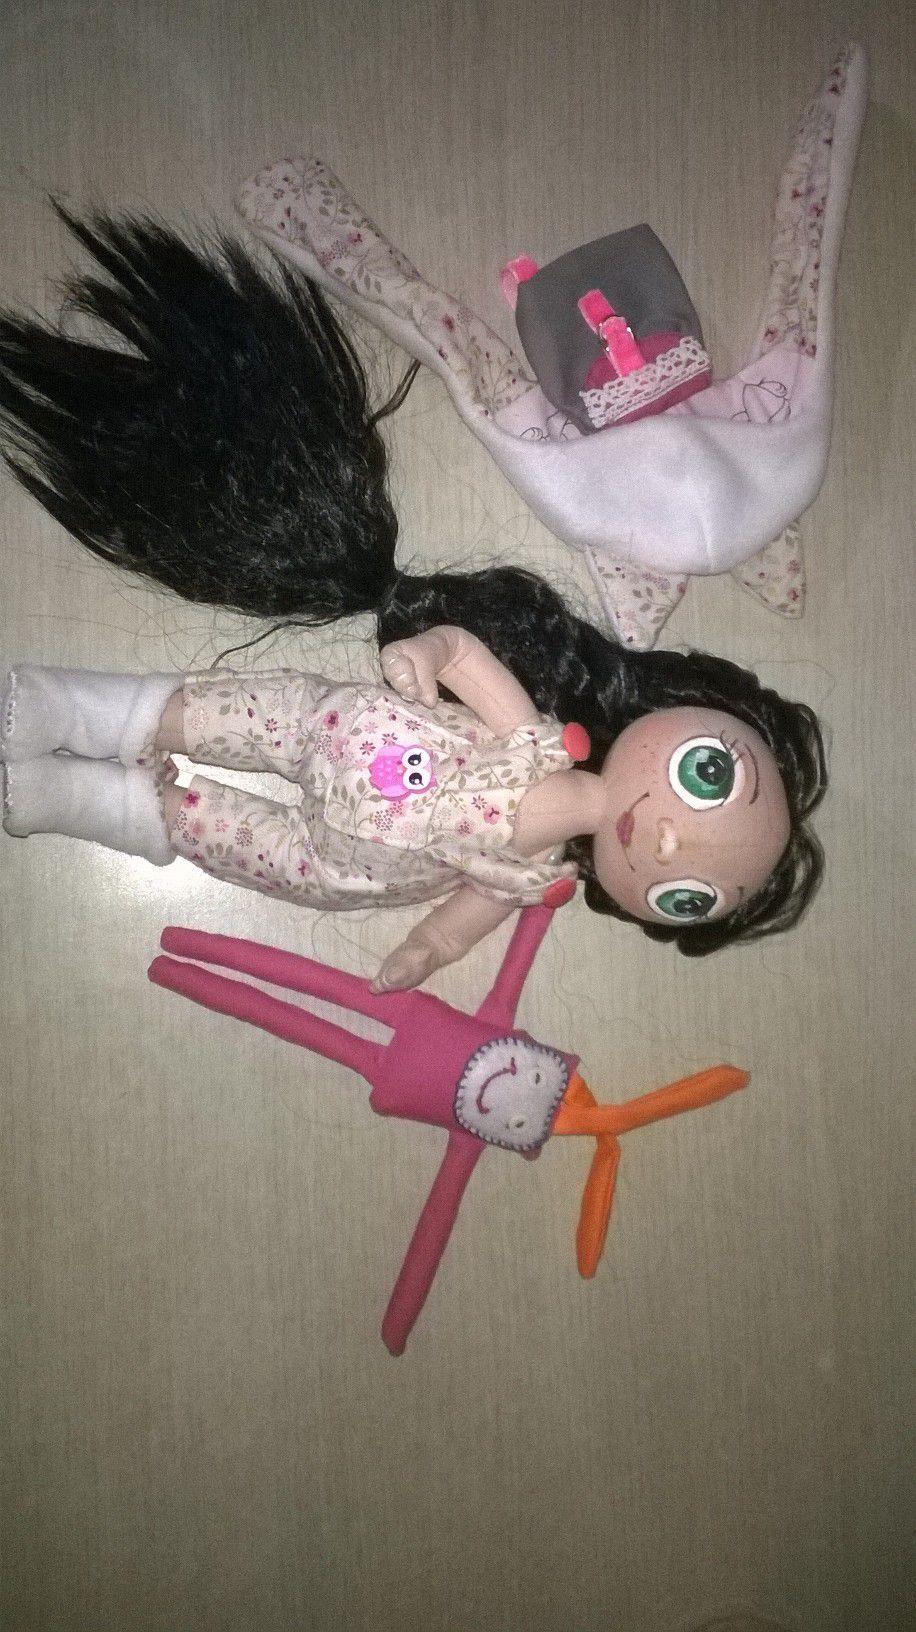 doll куклы декор игра текстильные подарок